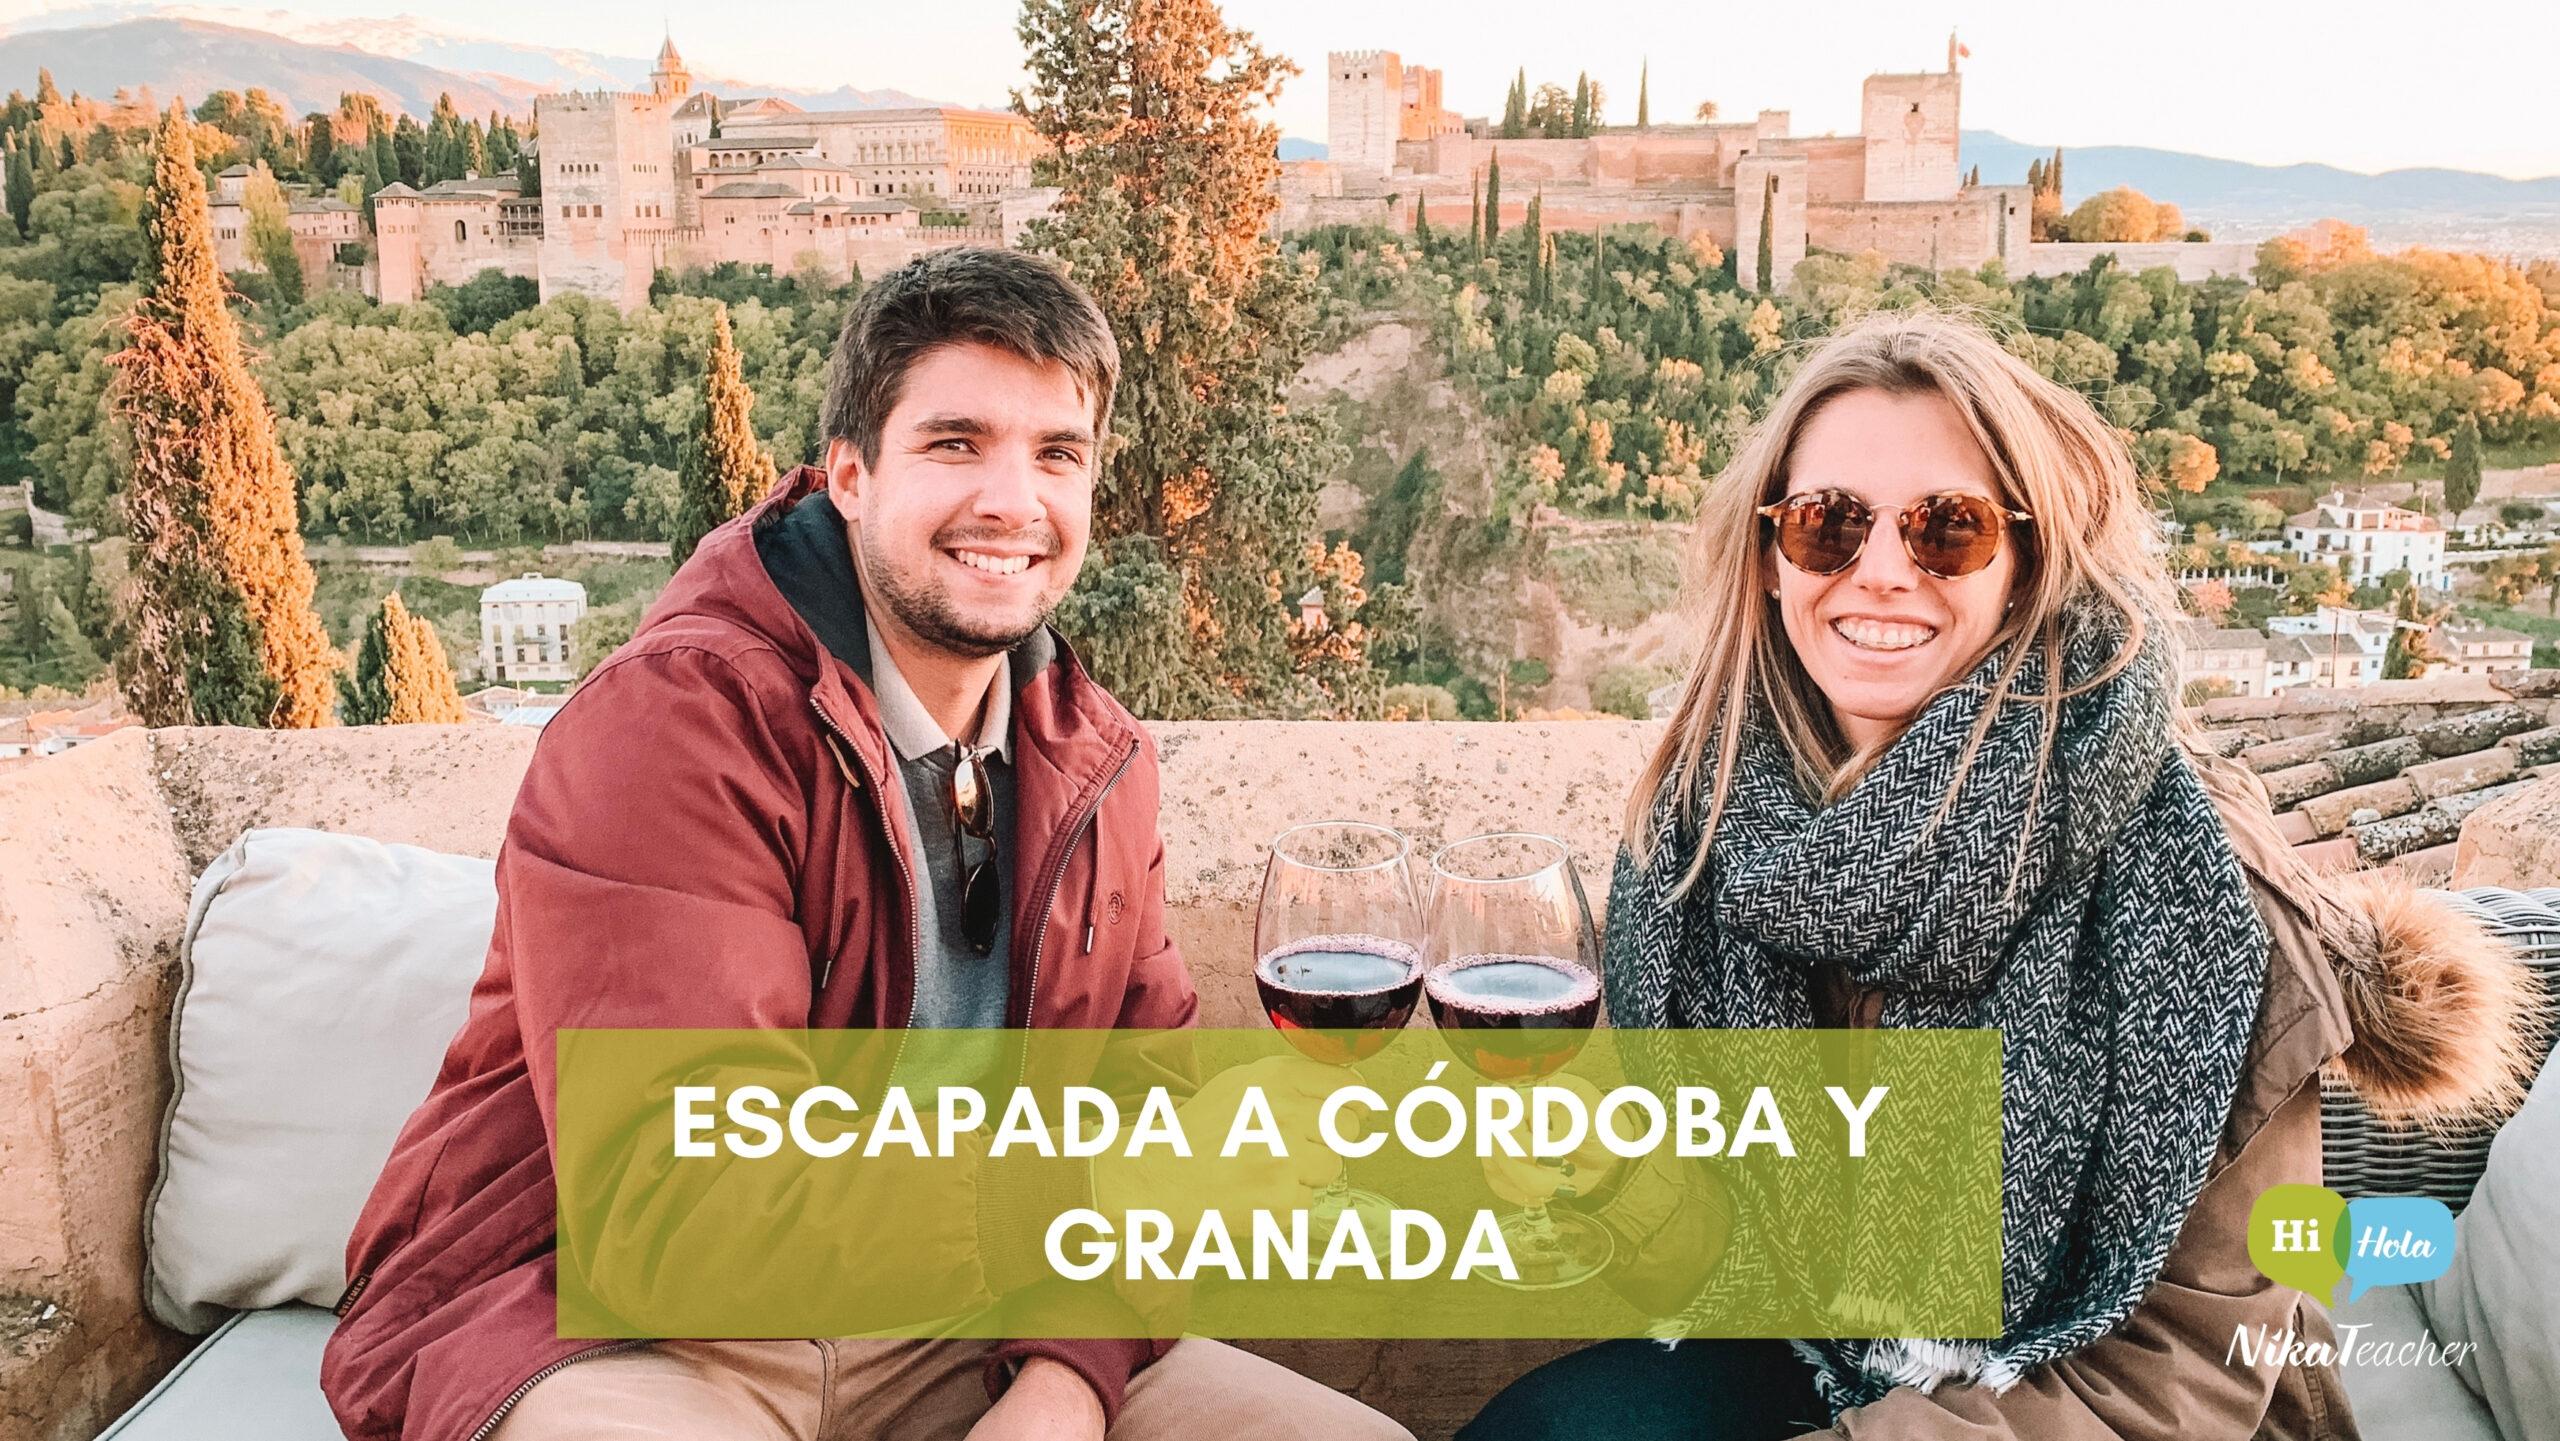 Escapada a Córdoba y Granada